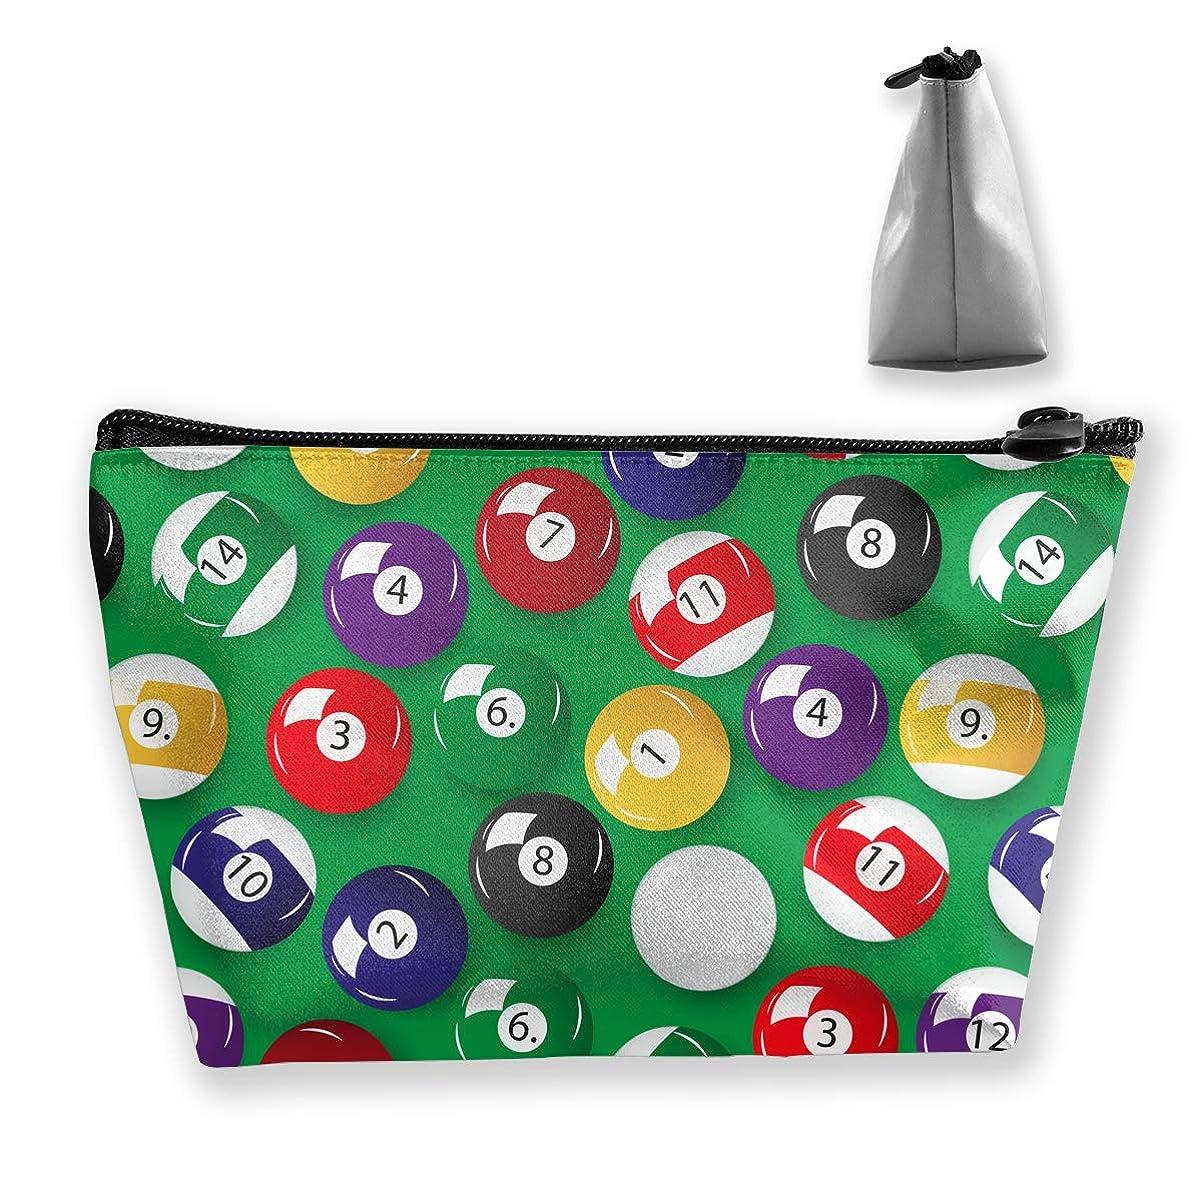 機動れる傘ビリヤード 台球 総柄 台形 化粧ポーチ メイクポーチ コスメポーチ 化粧品収納 軽い 防水 便利 小物入れ 携帯便利 多機能 バッグ